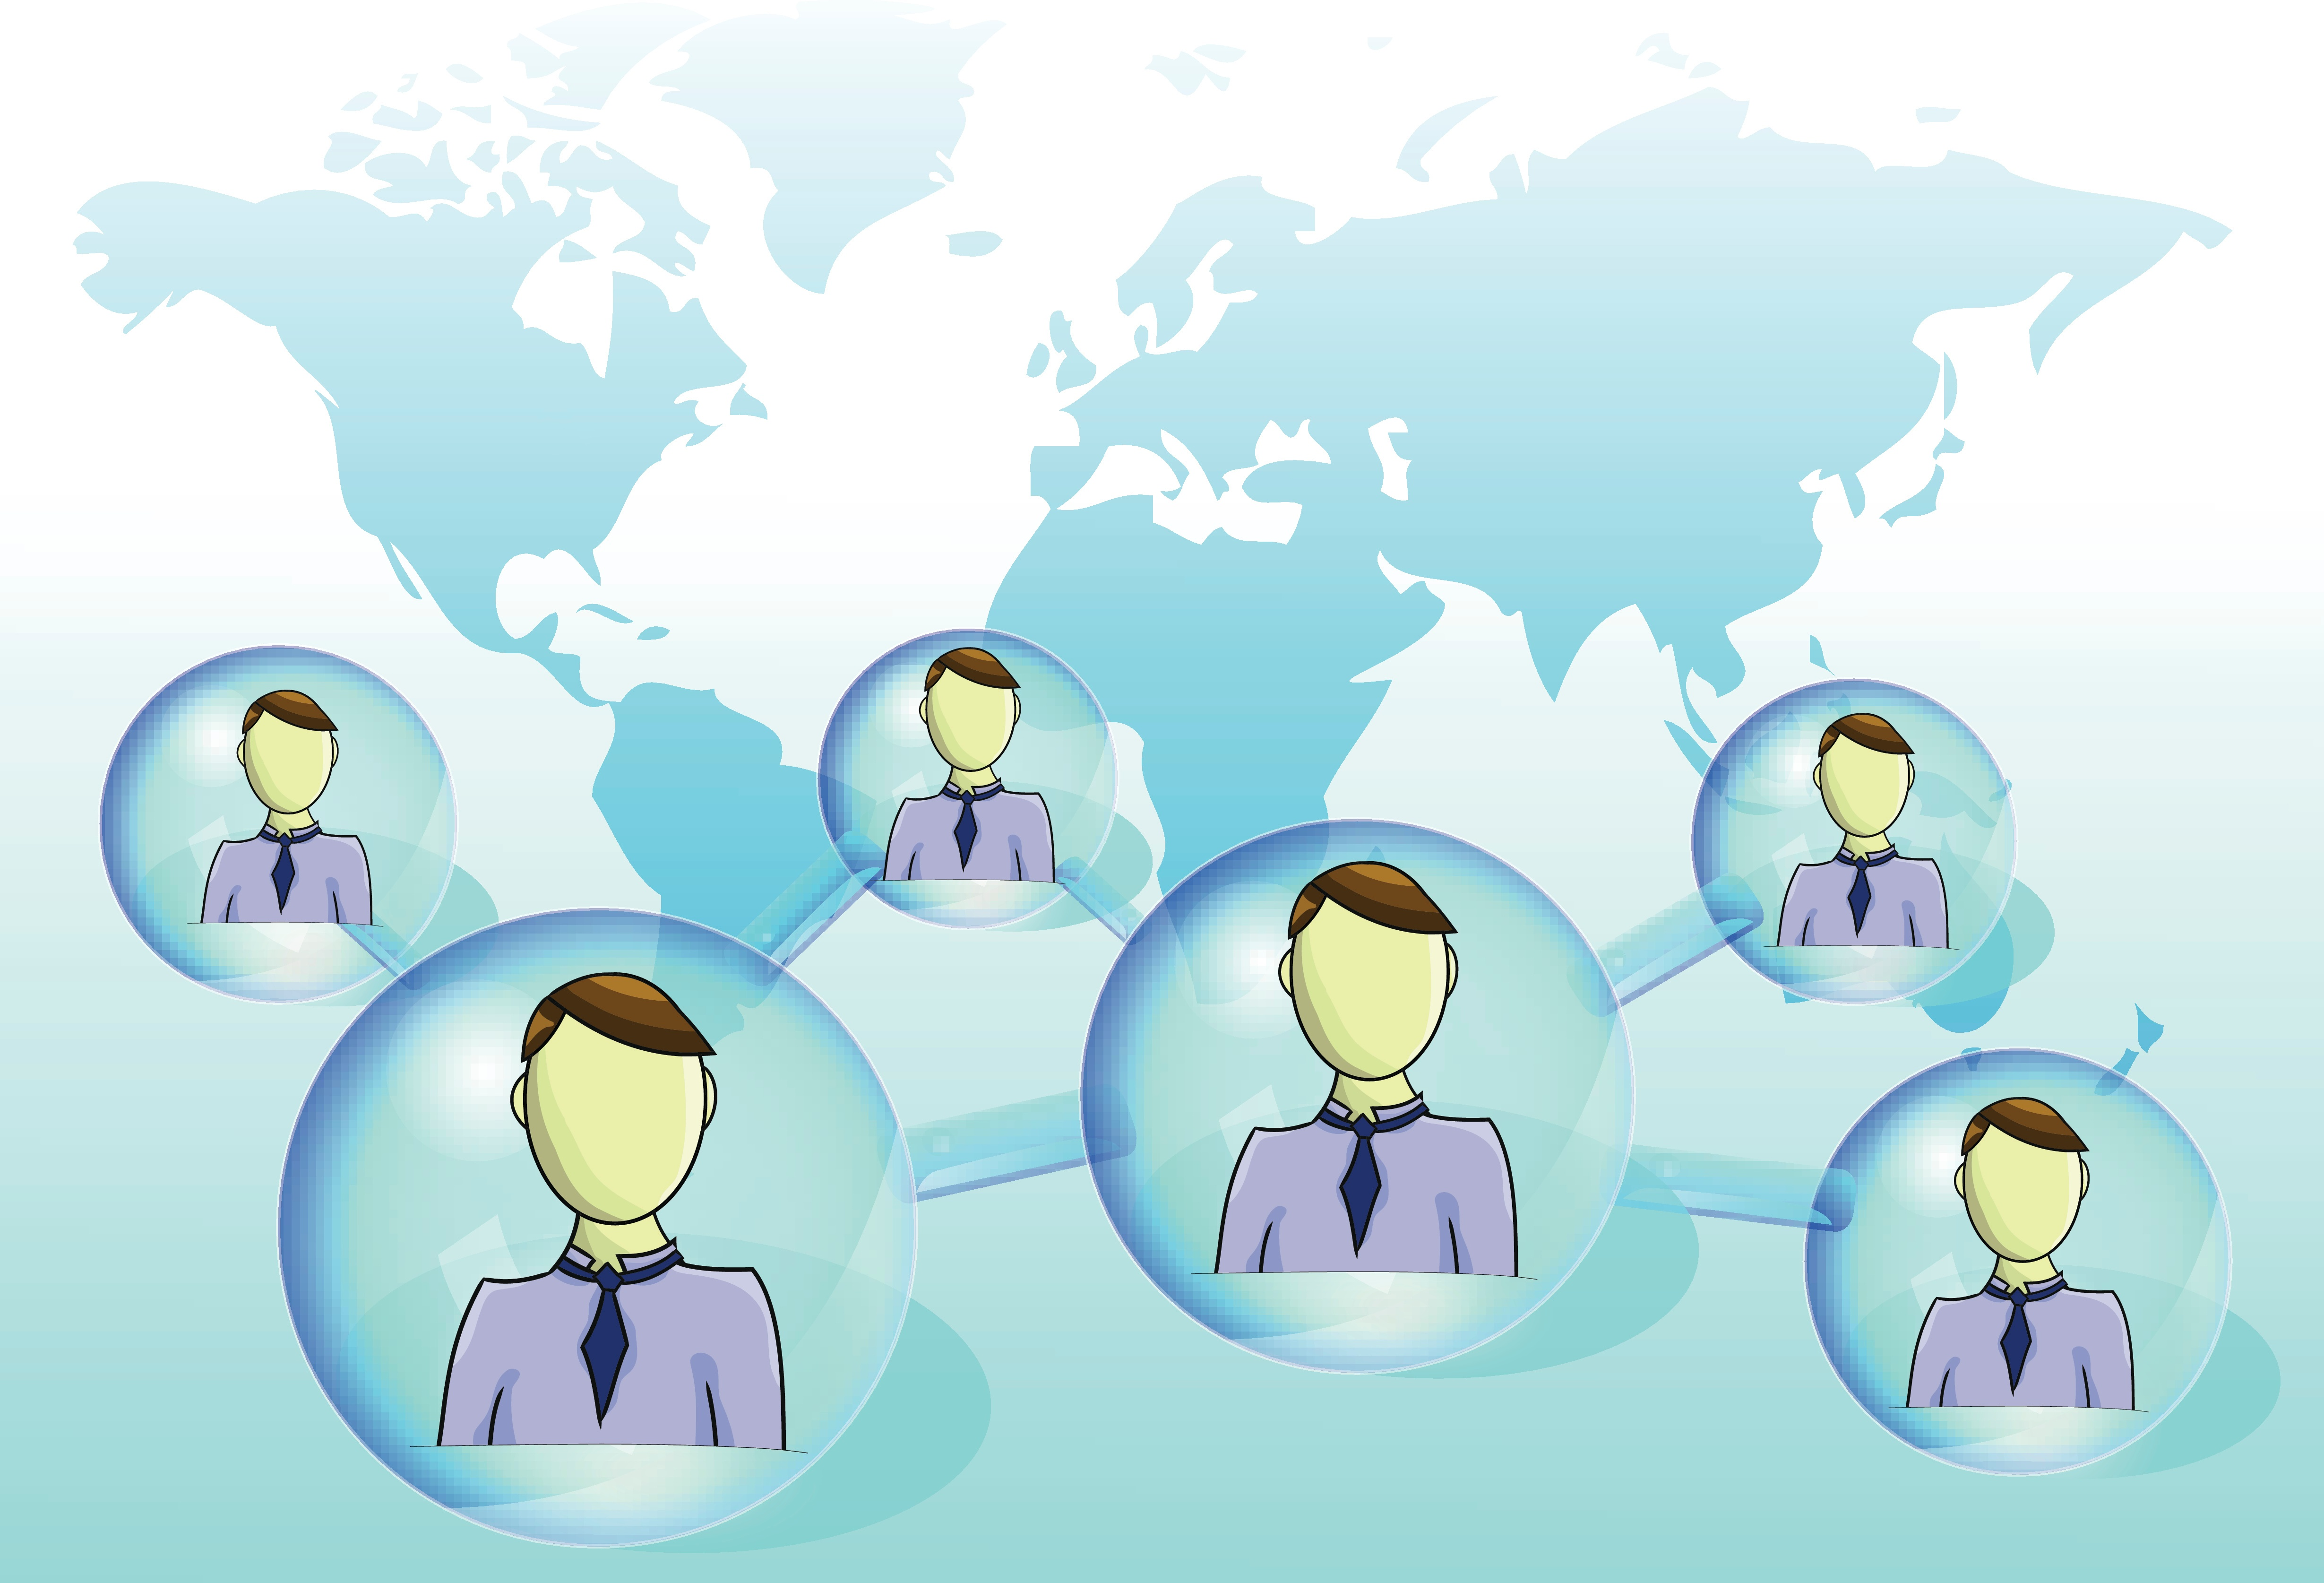 Cómo utilizar LinkedIn: 34 consejos para crear conexiones ...